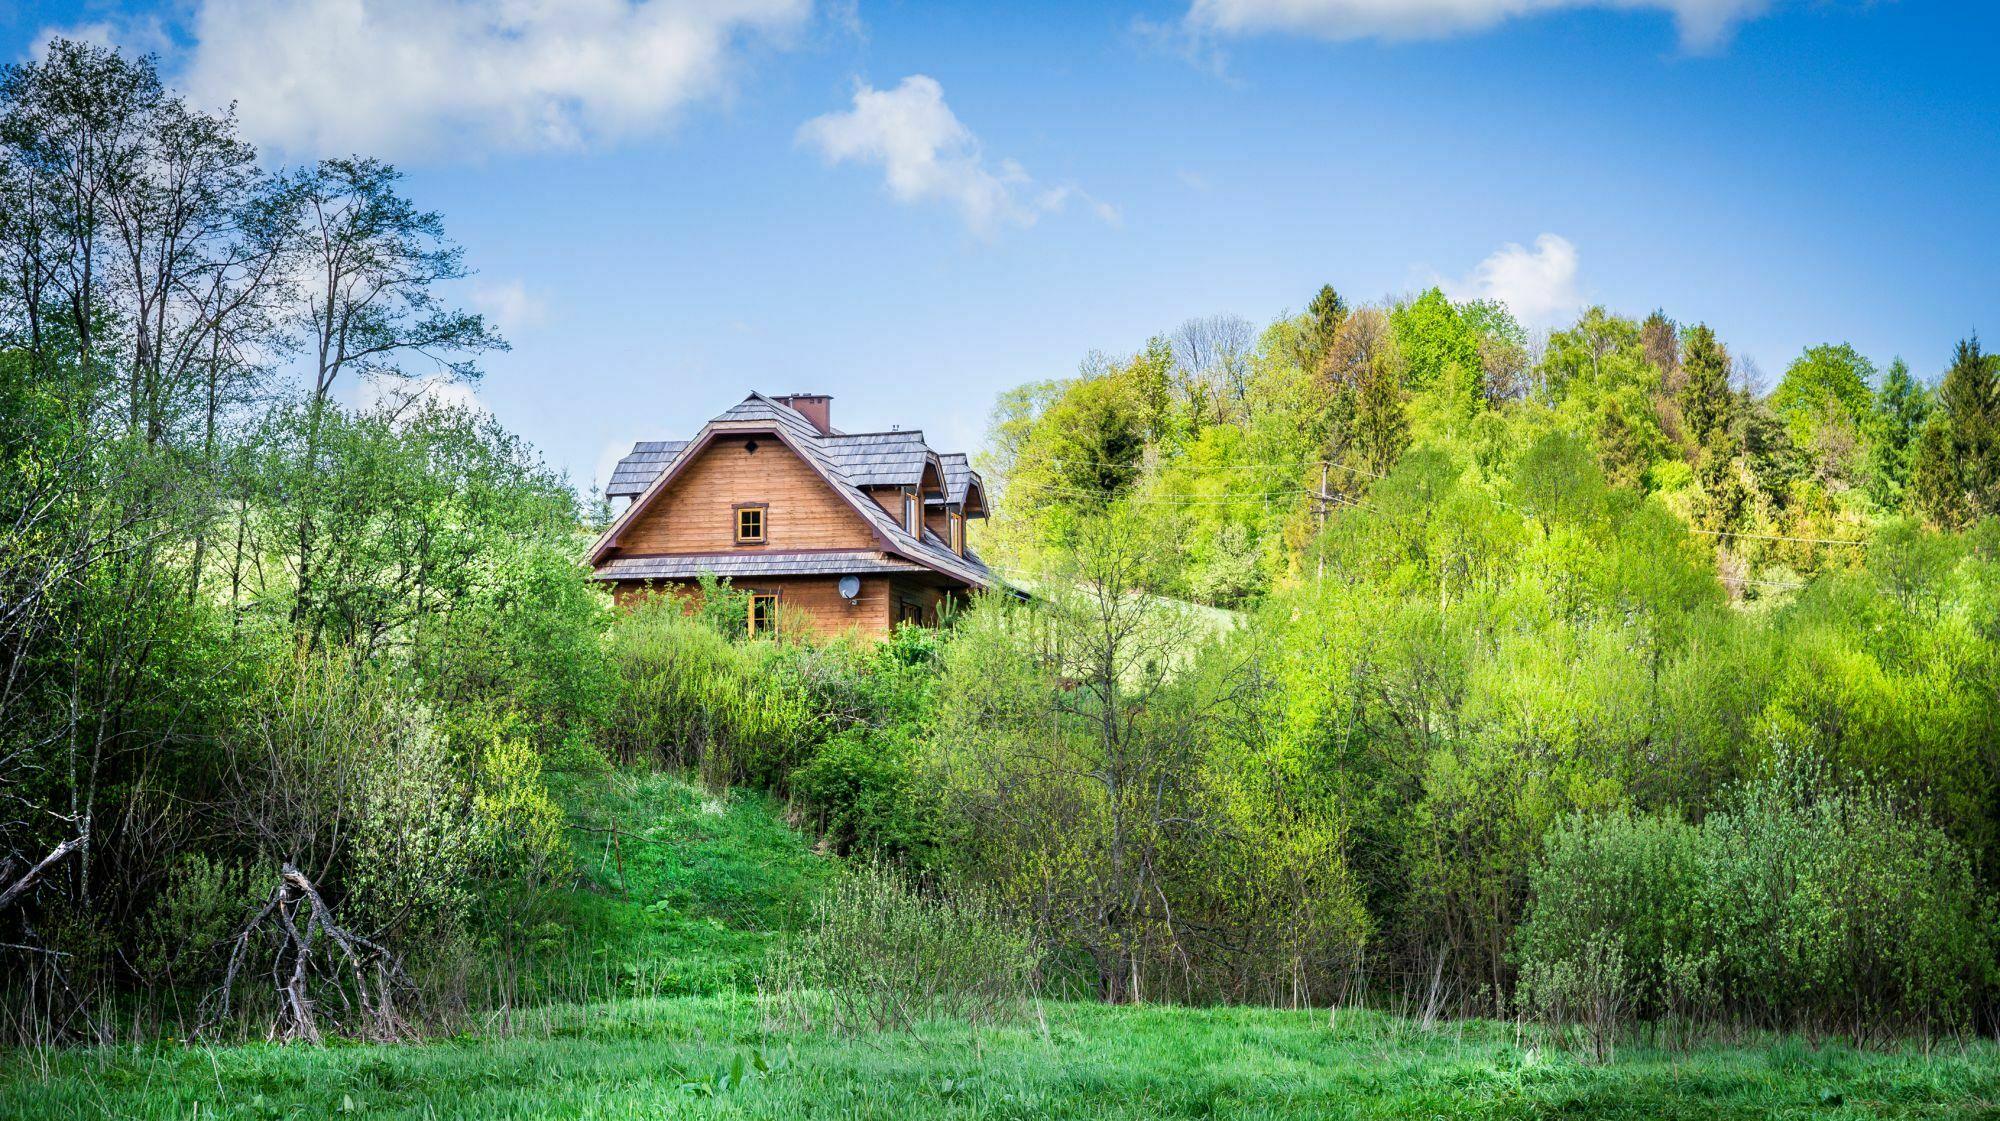 Dom w bieszczadzkim lesie / fot. shutterstock.com